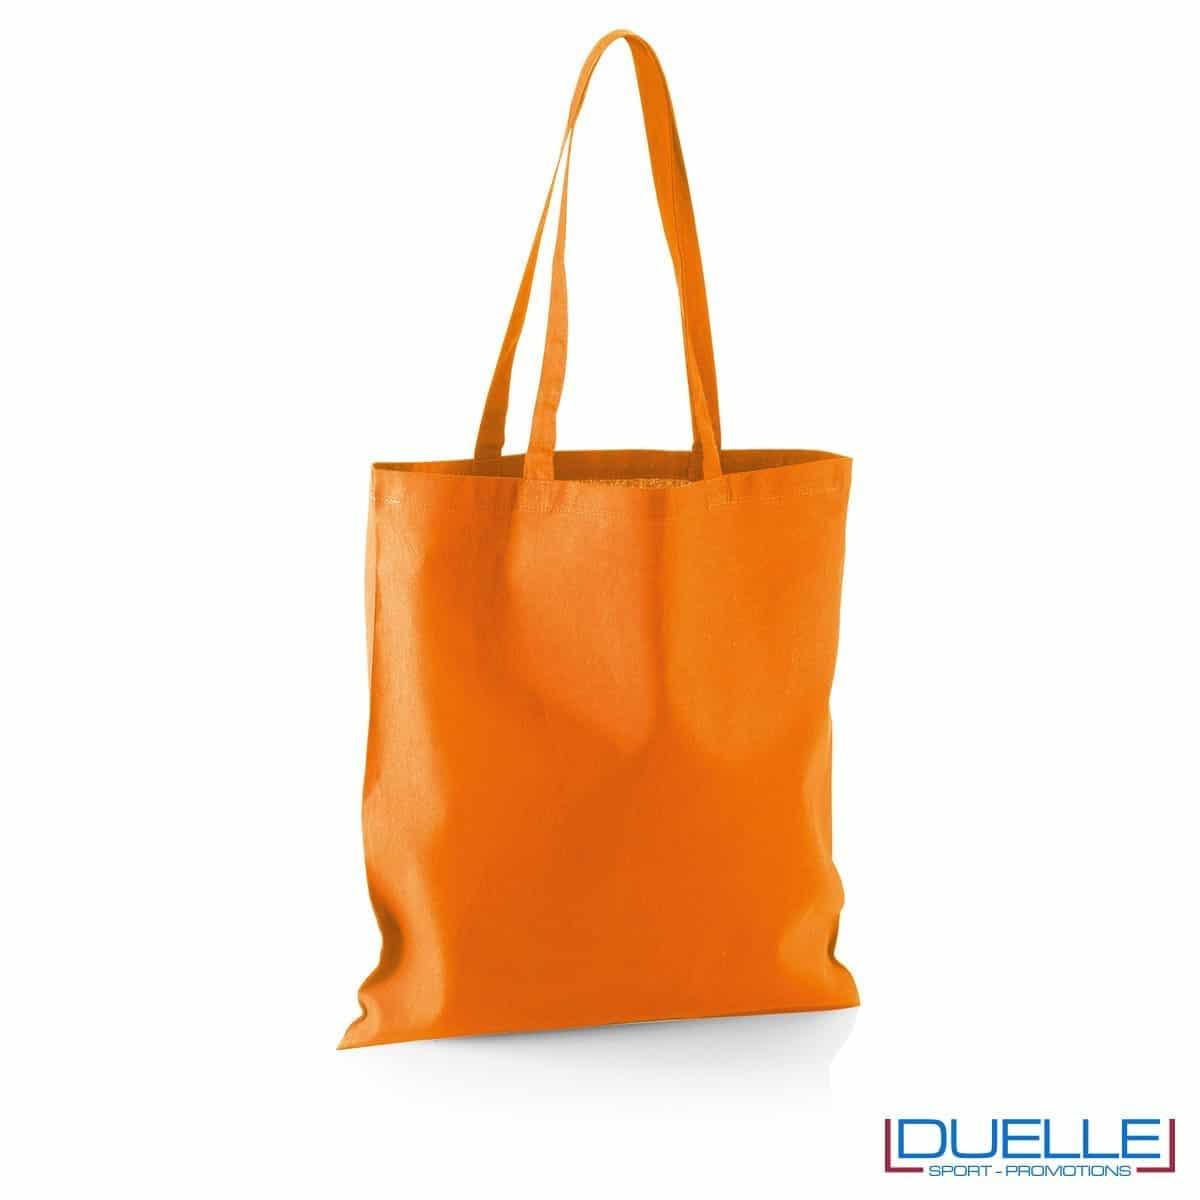 Shopper personalizzata in puro cotone arancione